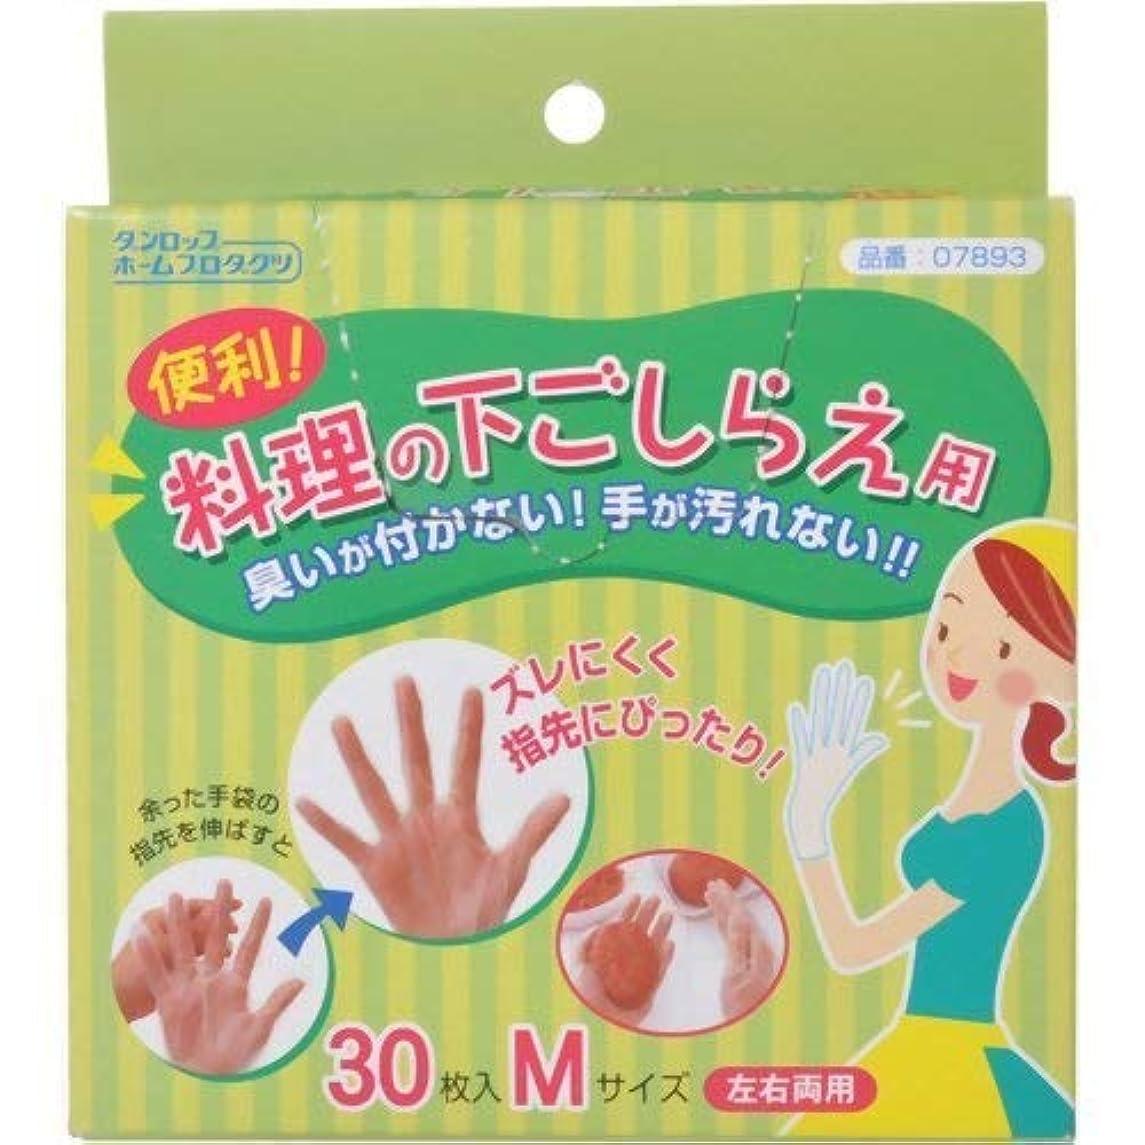 夜明けに溶かす故障料理の下ごしらえ用手袋 30枚入 ×60個